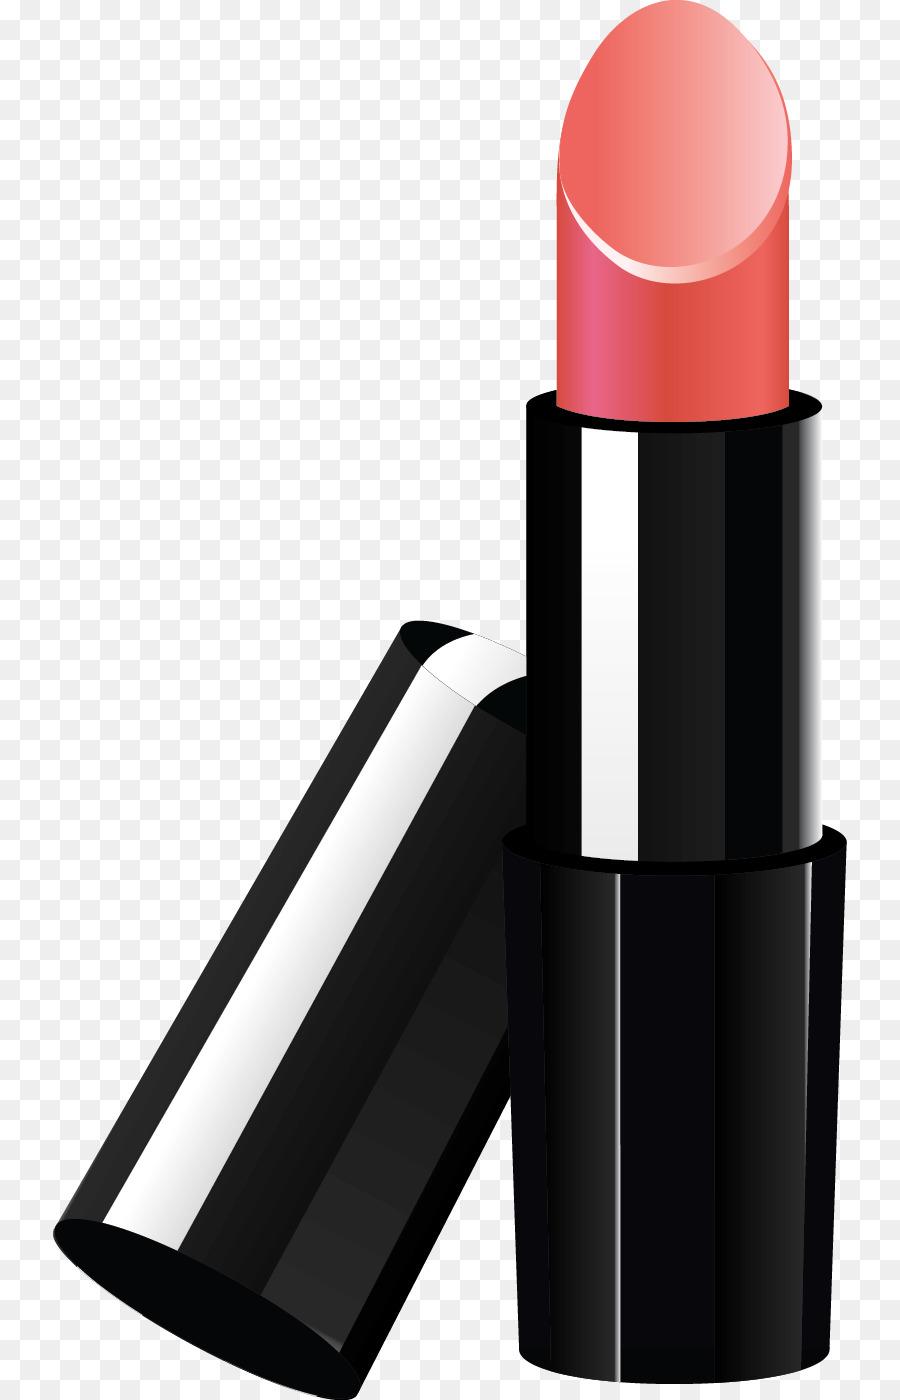 Lipstick clipart. Chanel cosmetics clip art